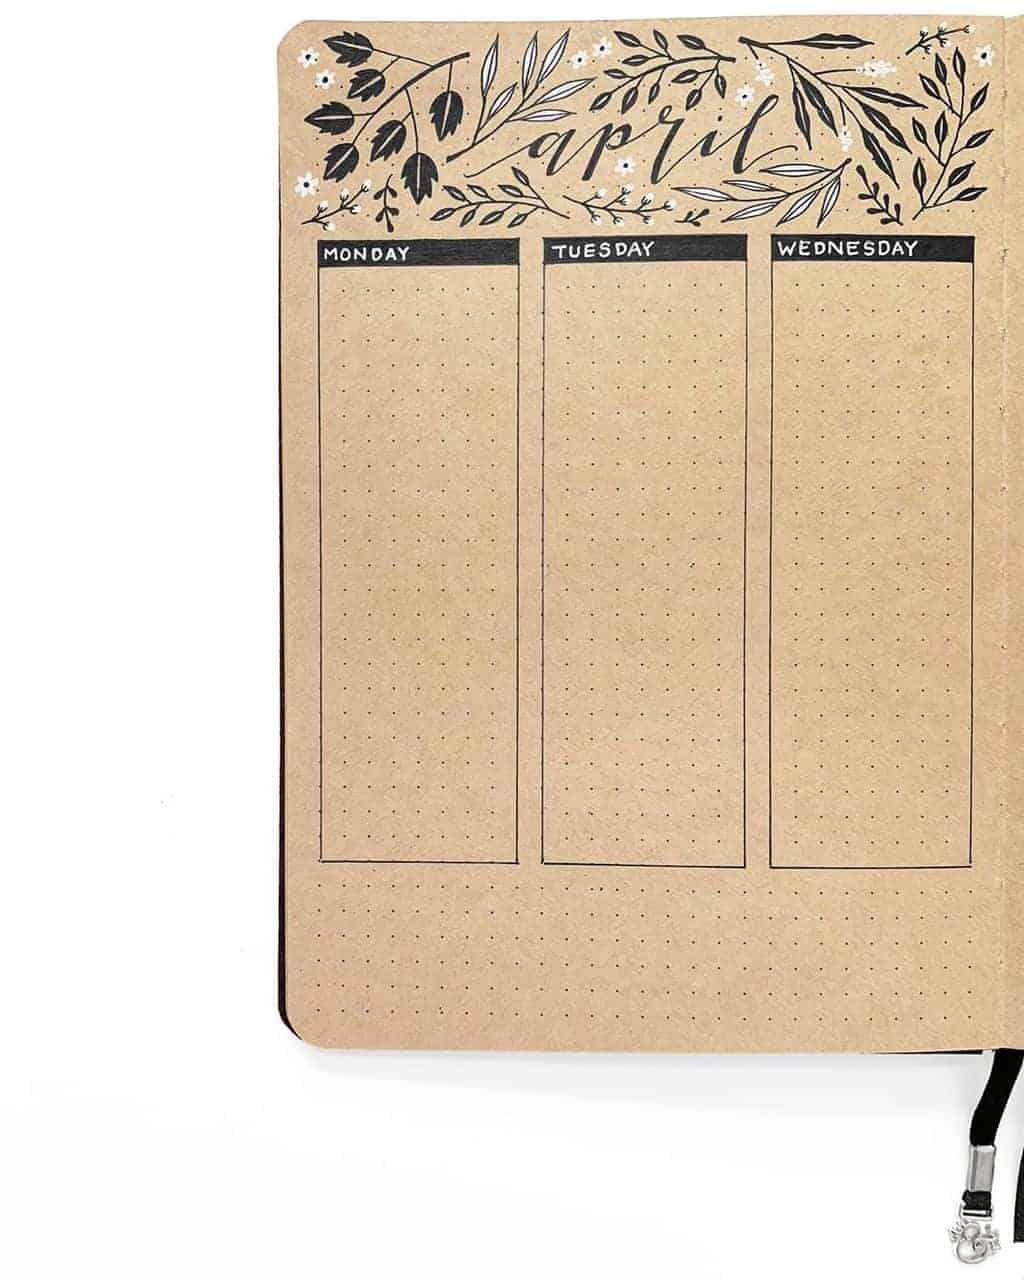 Kraft Paper Journal Spread by @archerandolive | Masha Plans